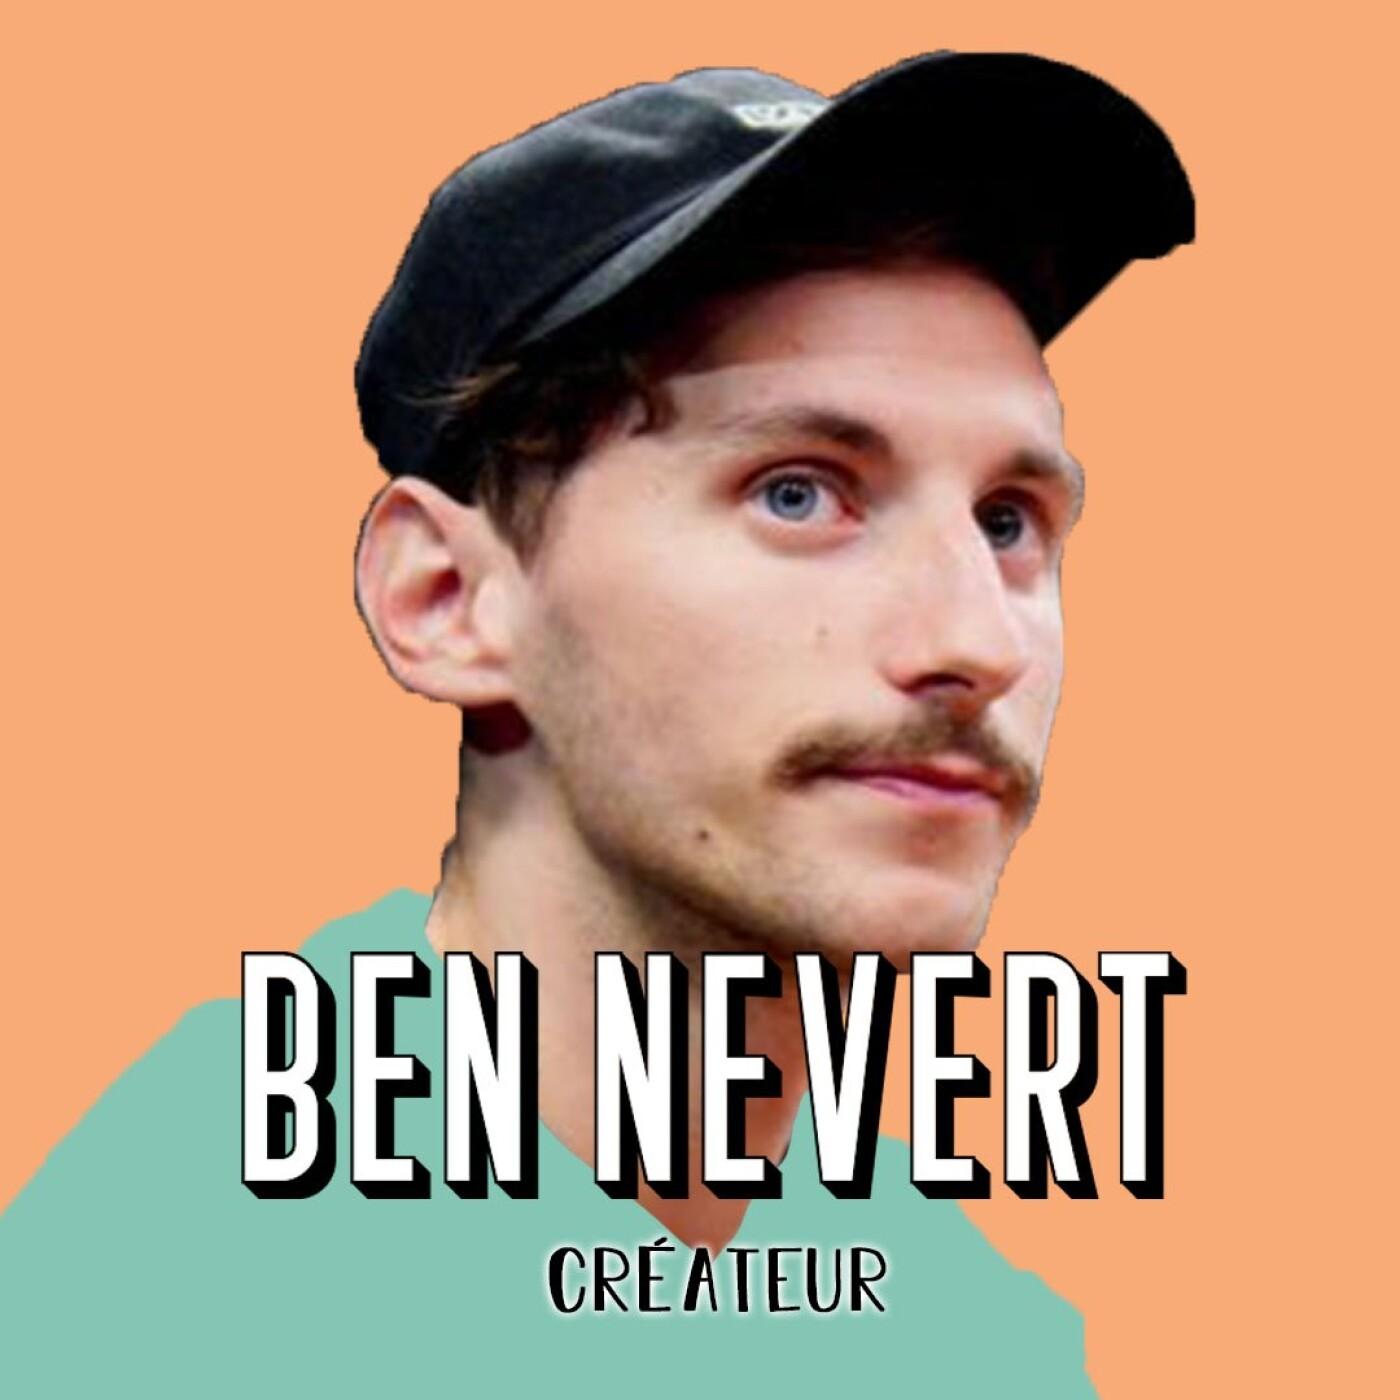 Ben Névert, Créateur - Si tu veux une garantie, achète un grille-pain